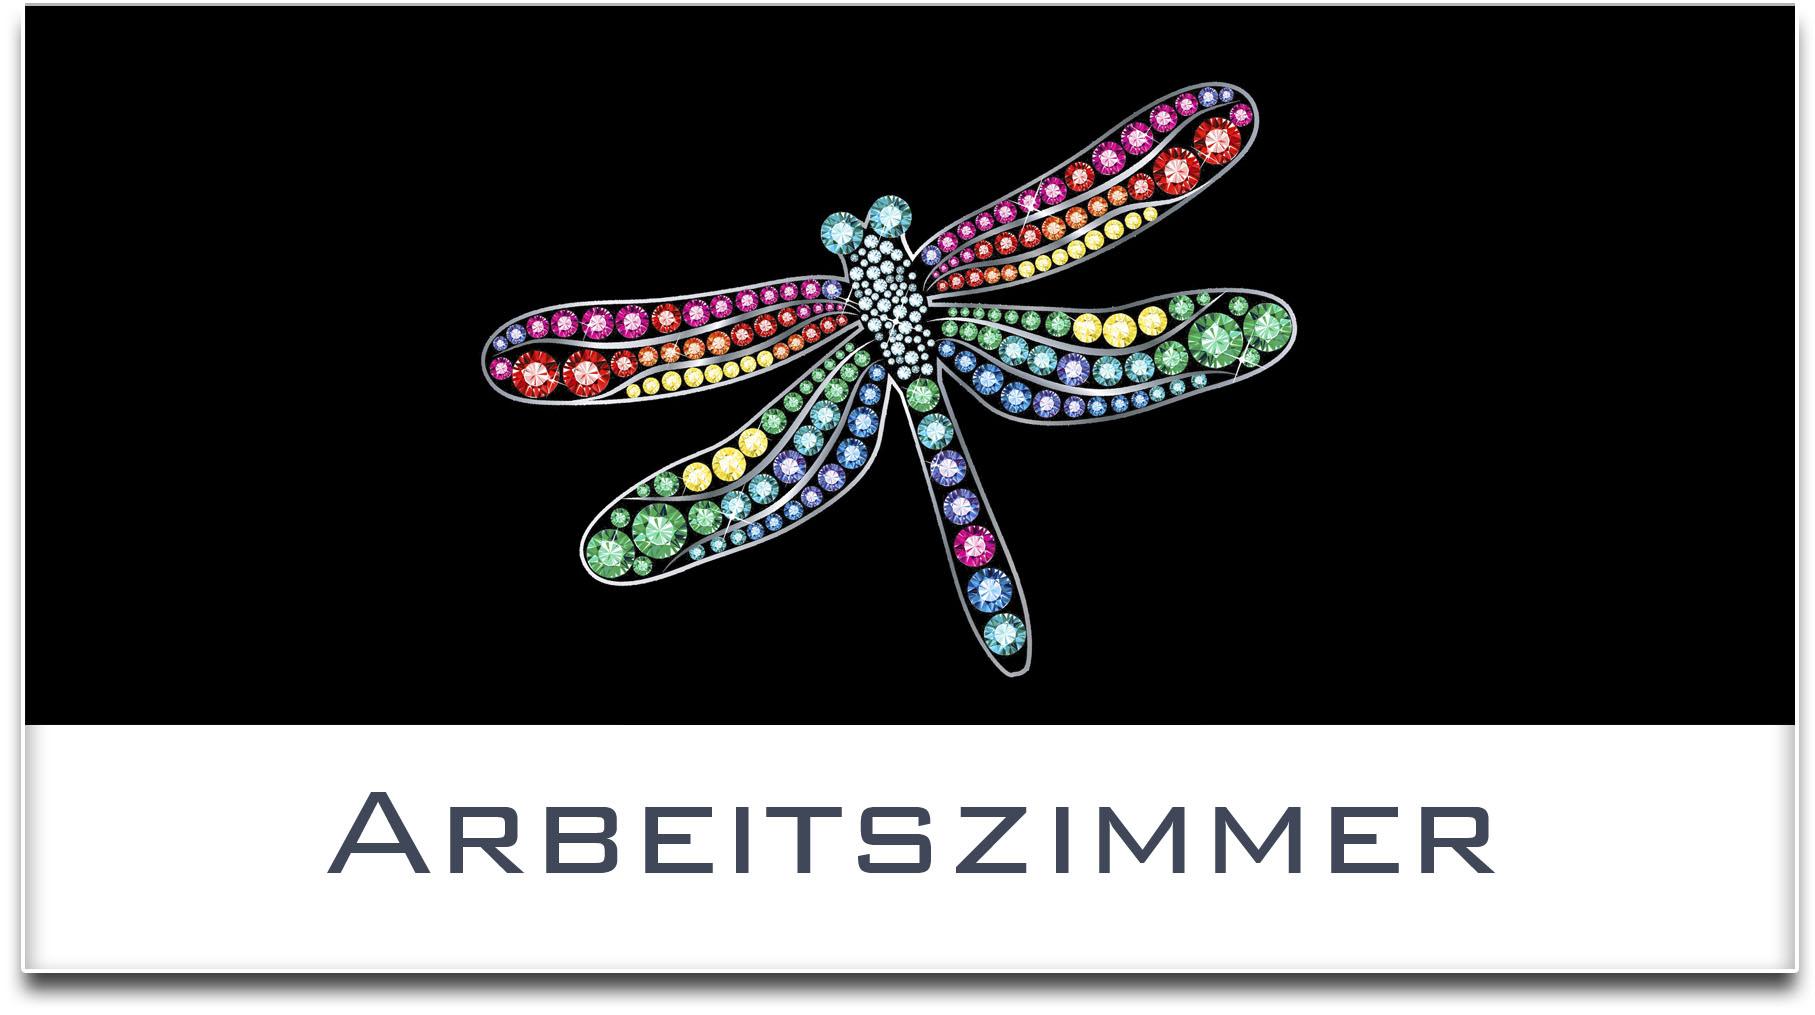 Türschild / Haustürschild / Libelle / Arbeitszimmer / Selbstklebend